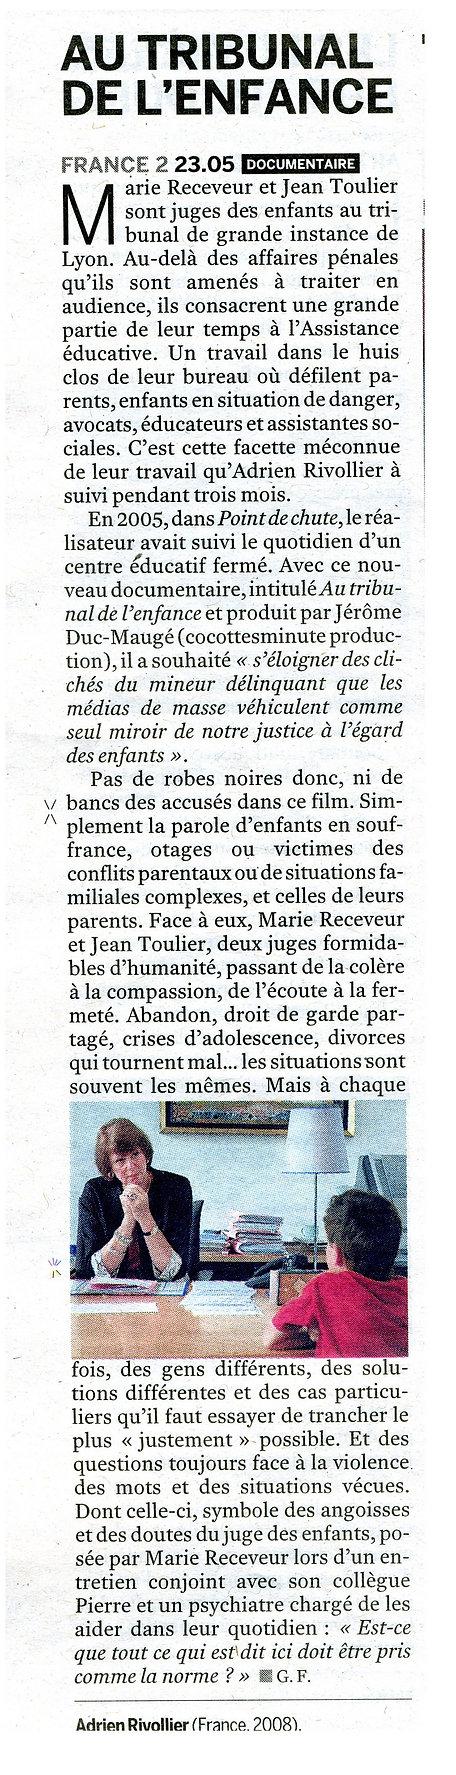 Le-Monde-Au-Tribunal-e1441621175753.jpg